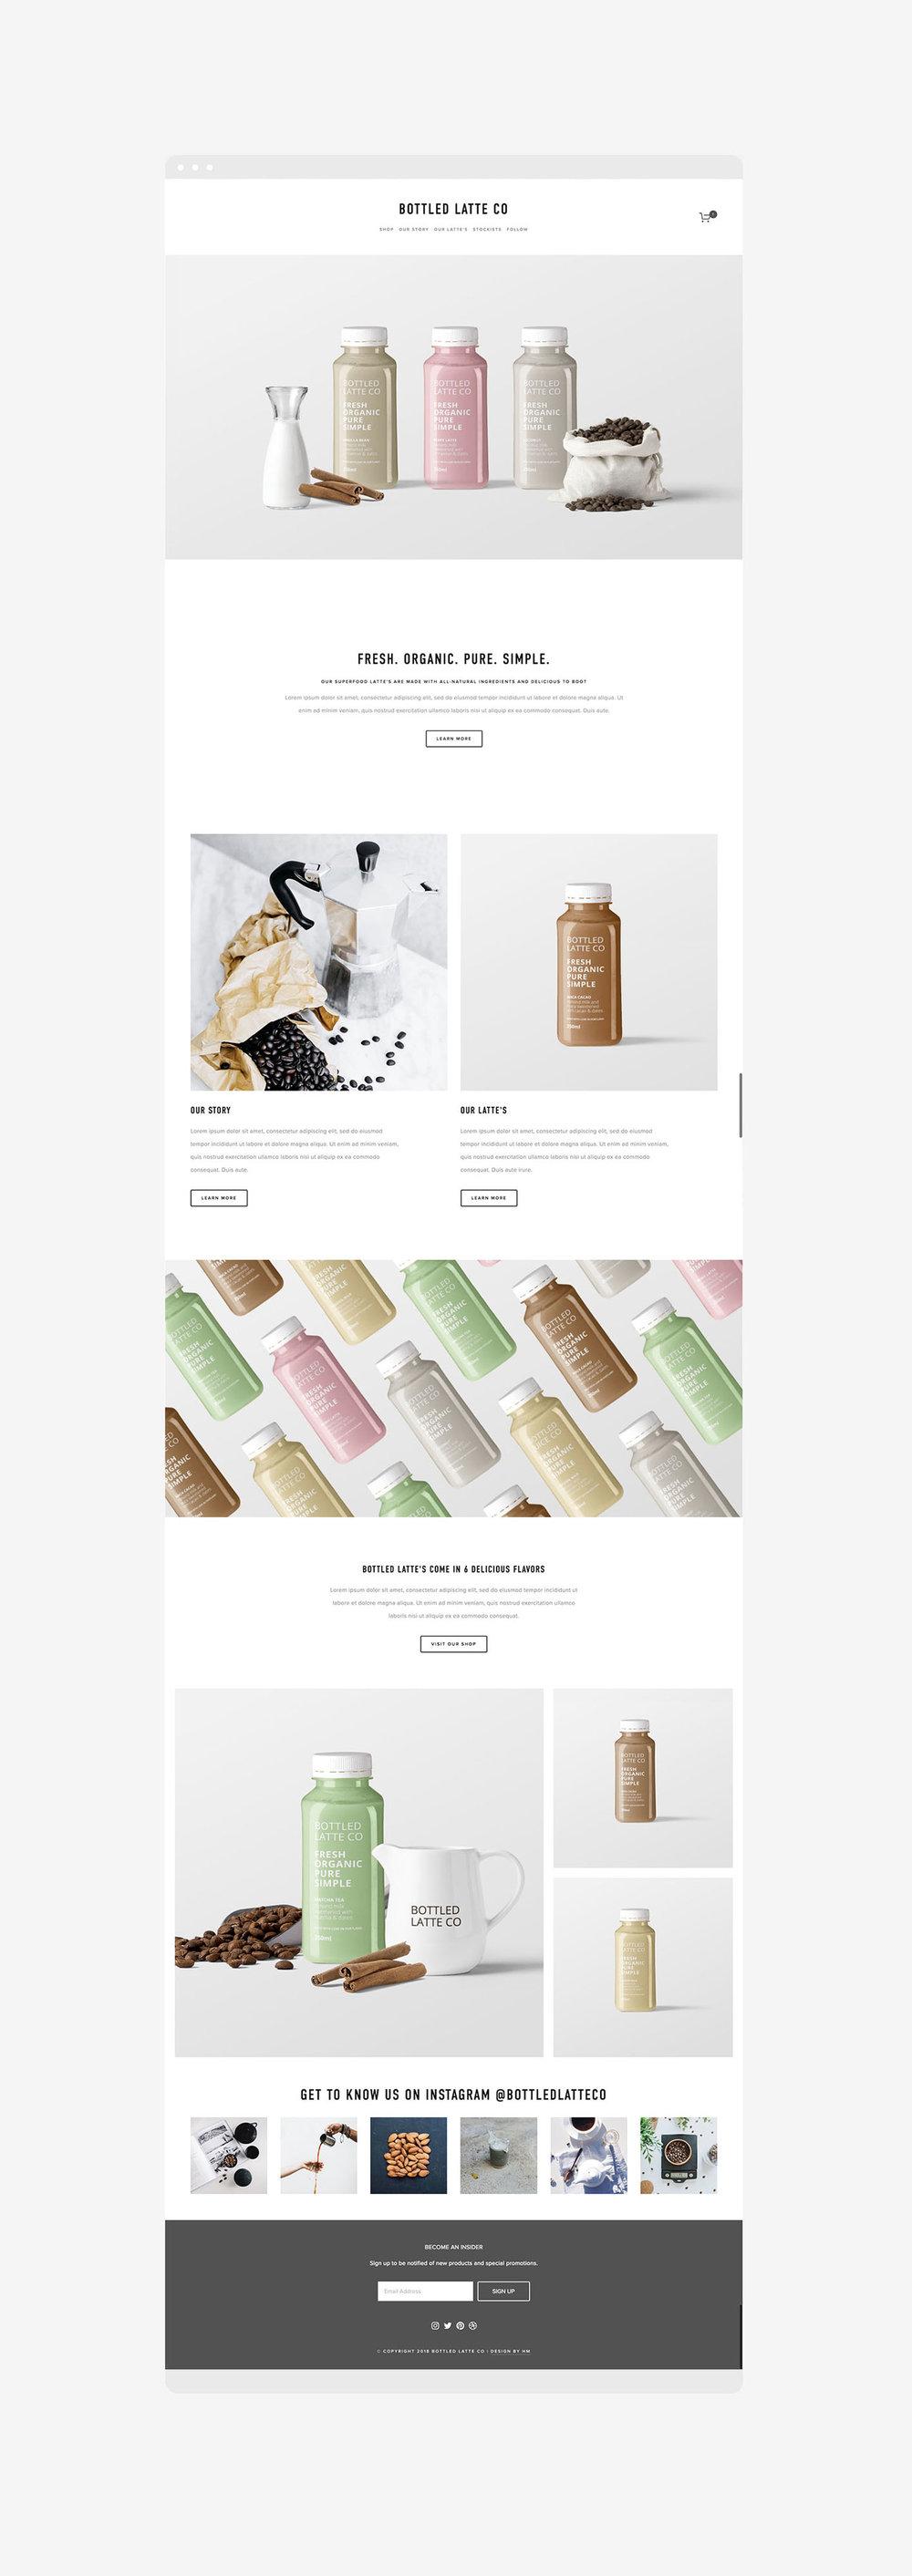 Bottled-Latte-Co-Squarespace-Ecommerce-Website-Design-Shop-Products-Heather-Maehr-Portland-Oregon.jpg